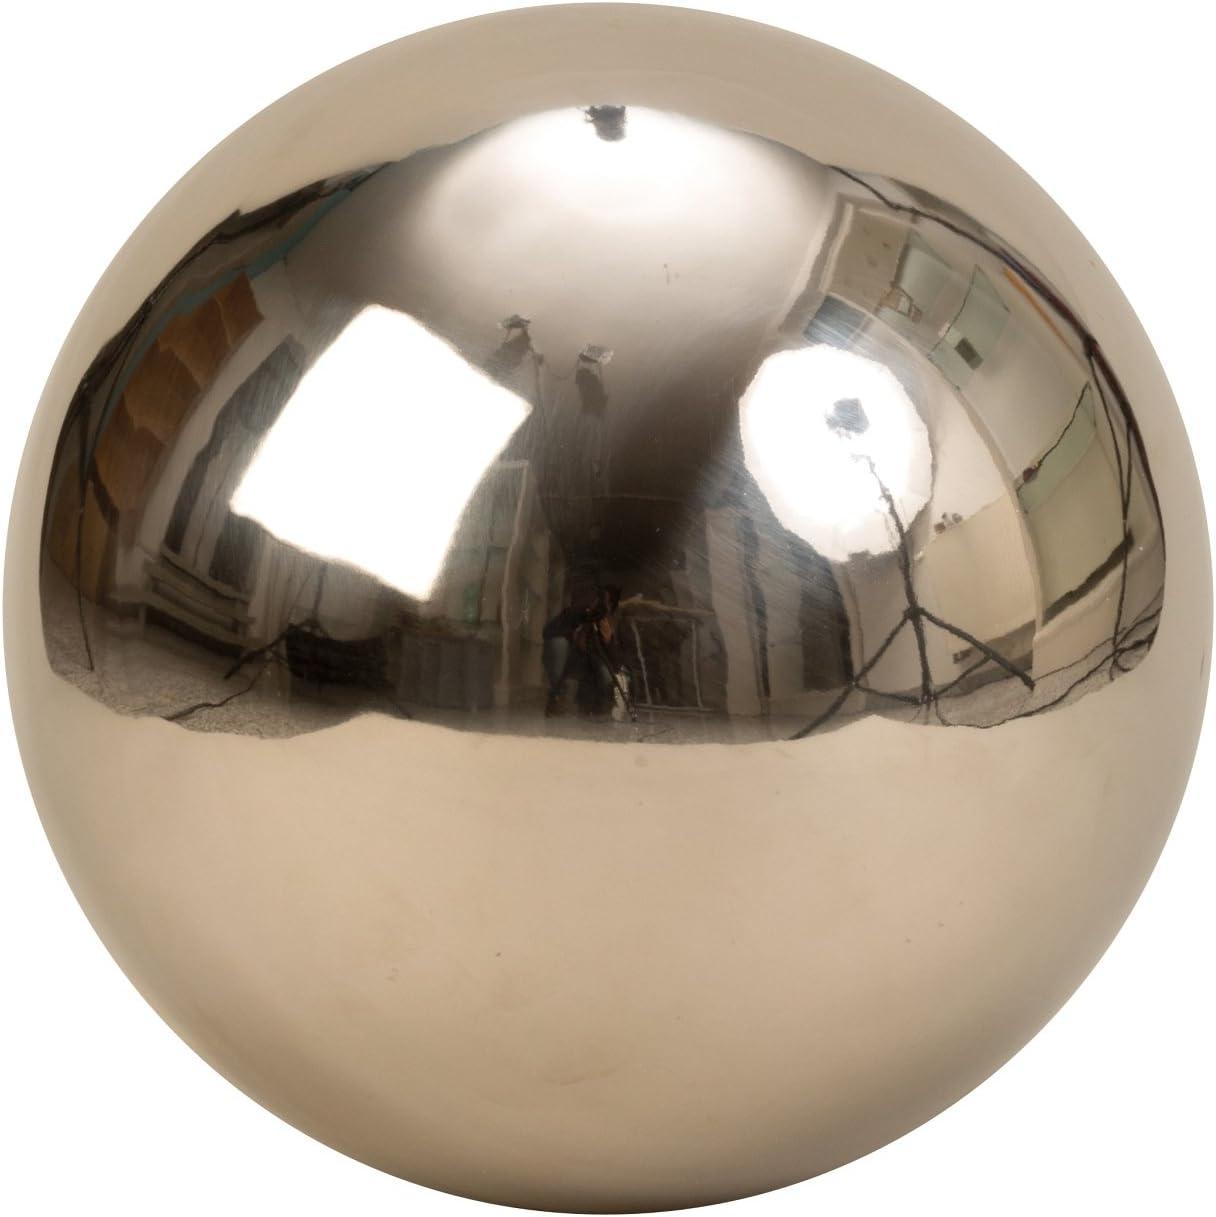 Moderna decoraci/ón bola decorativa Jard/ín Jard/ín bola de acero inoxidable en plata mate 20 cm de di/ámetro